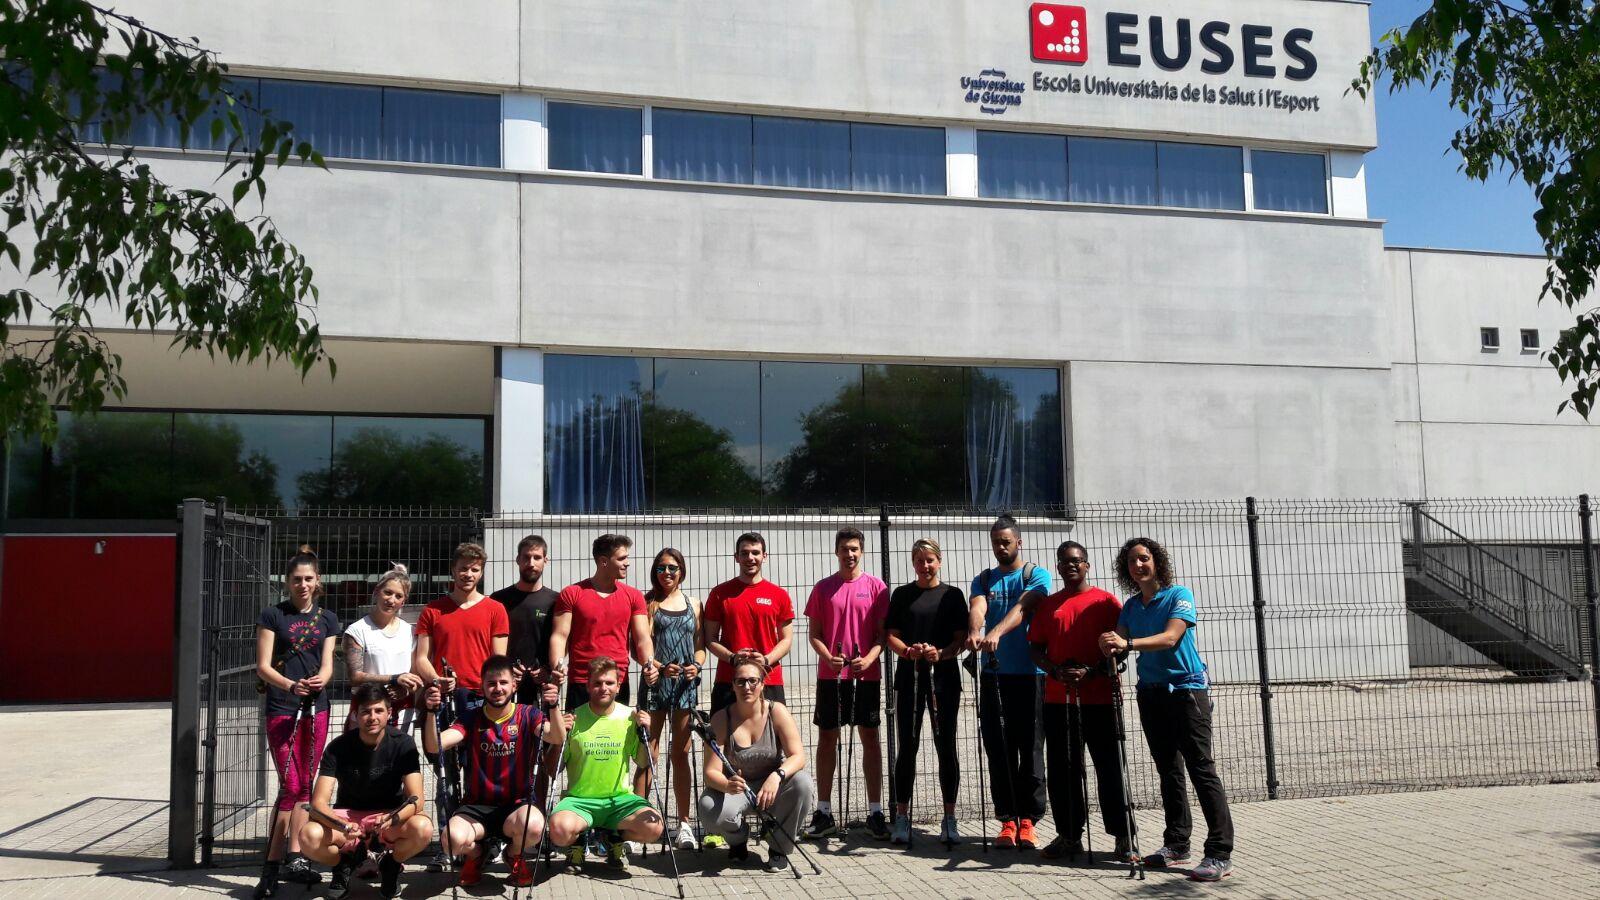 Sessió de Nordic Walking a càrrec de la instructora de marxa nòrdica Cristina Borràs per als alumnes de 3r curs del Grau en CAFE d'EUSES